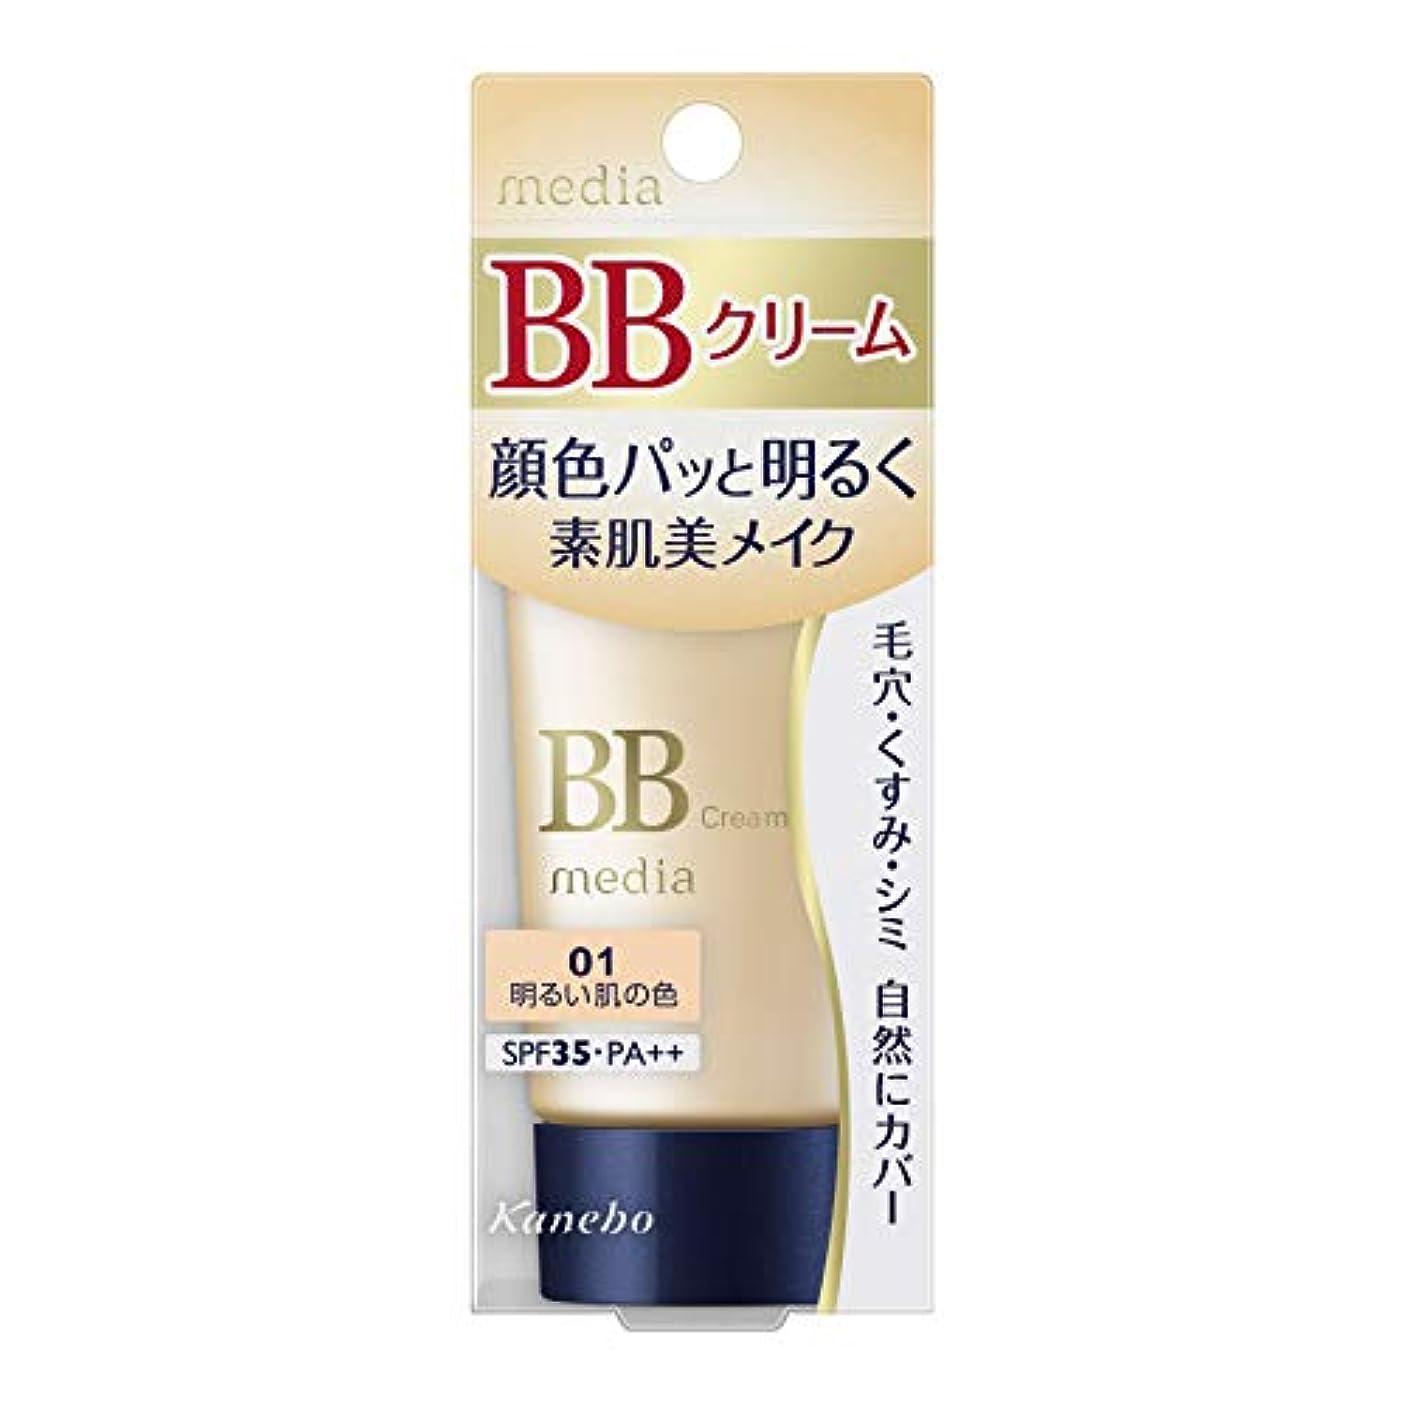 ルーギャンブル略奪カネボウ化粧品 メディア BBクリームS 01 35g